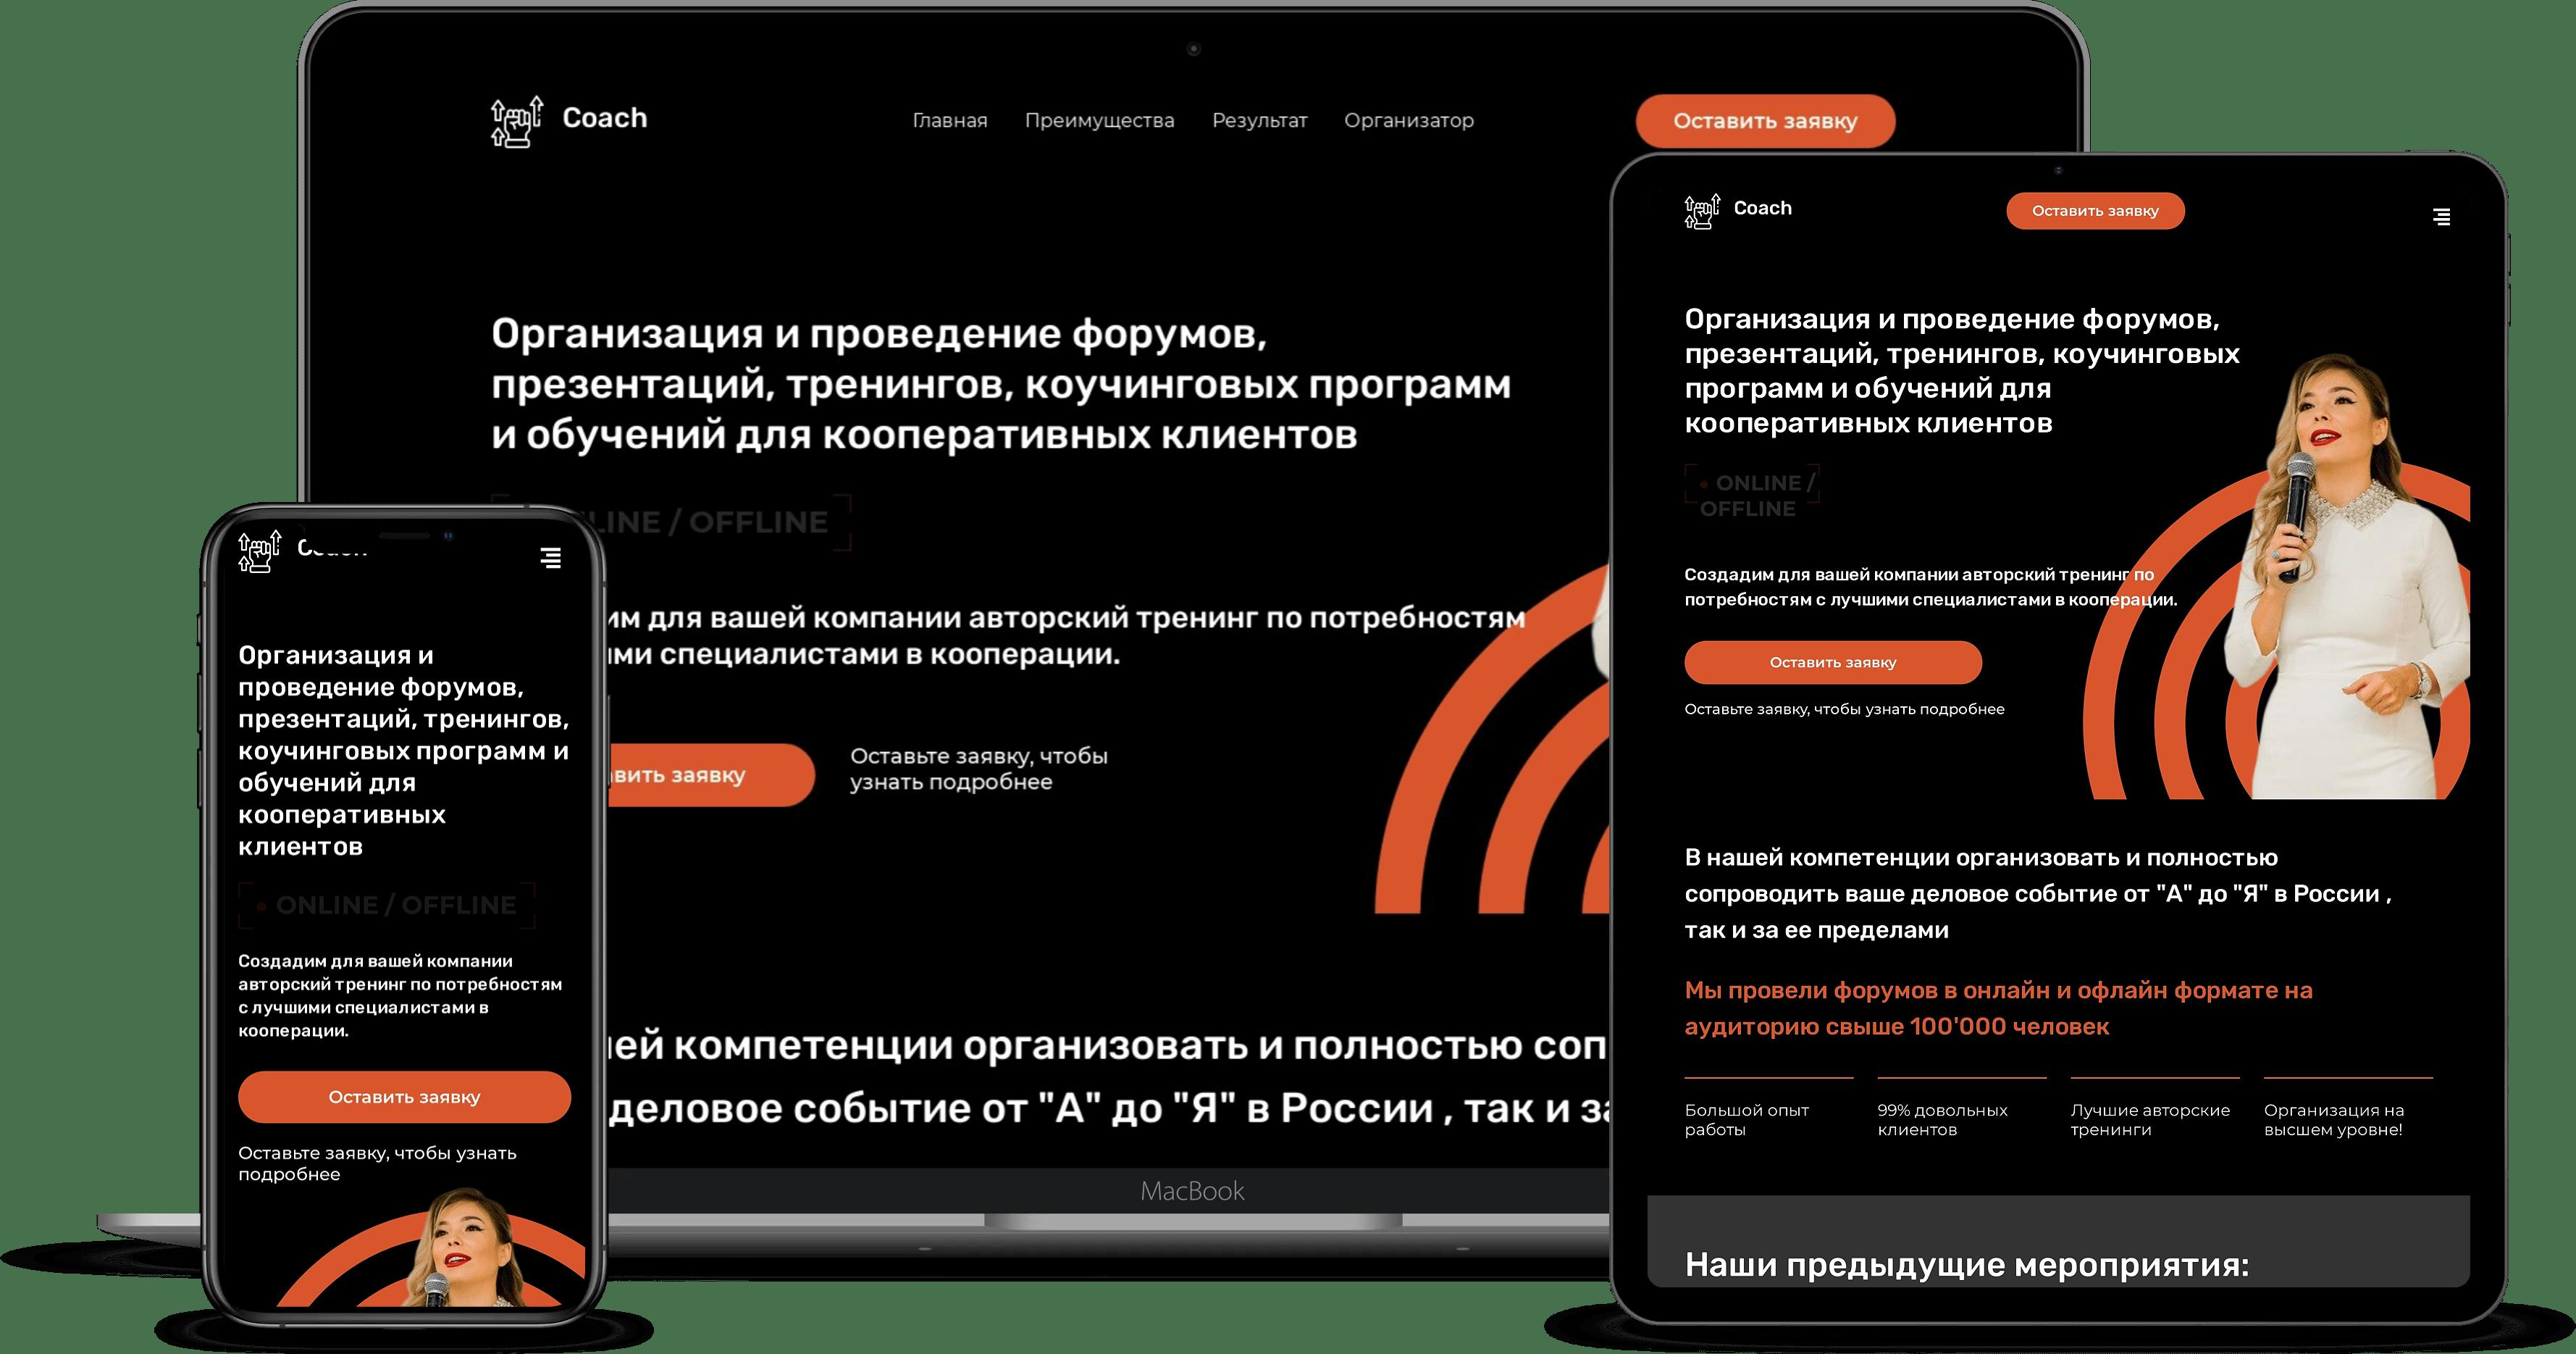 Организация форумов